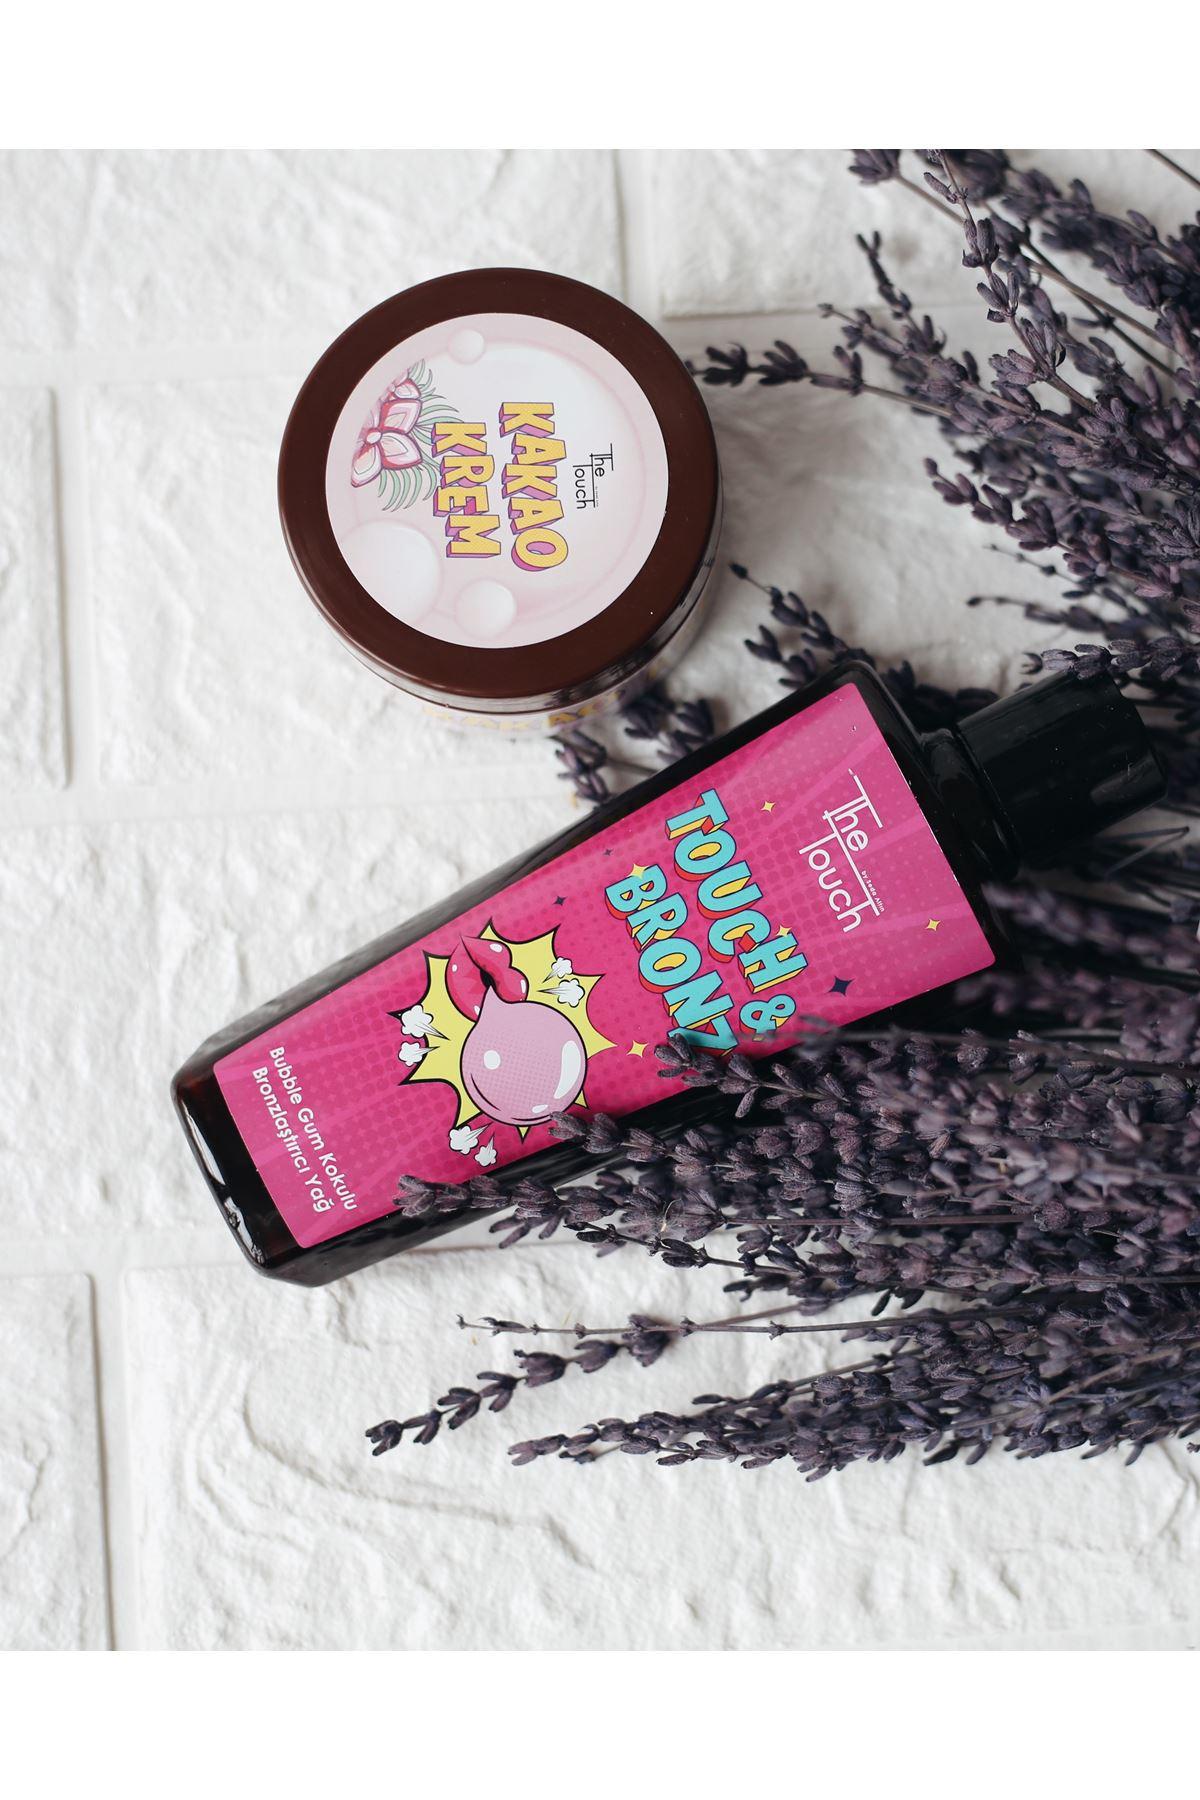 Bronzlaştırıcı Yağ ve Bronzlaştırıcı Kakao Krem